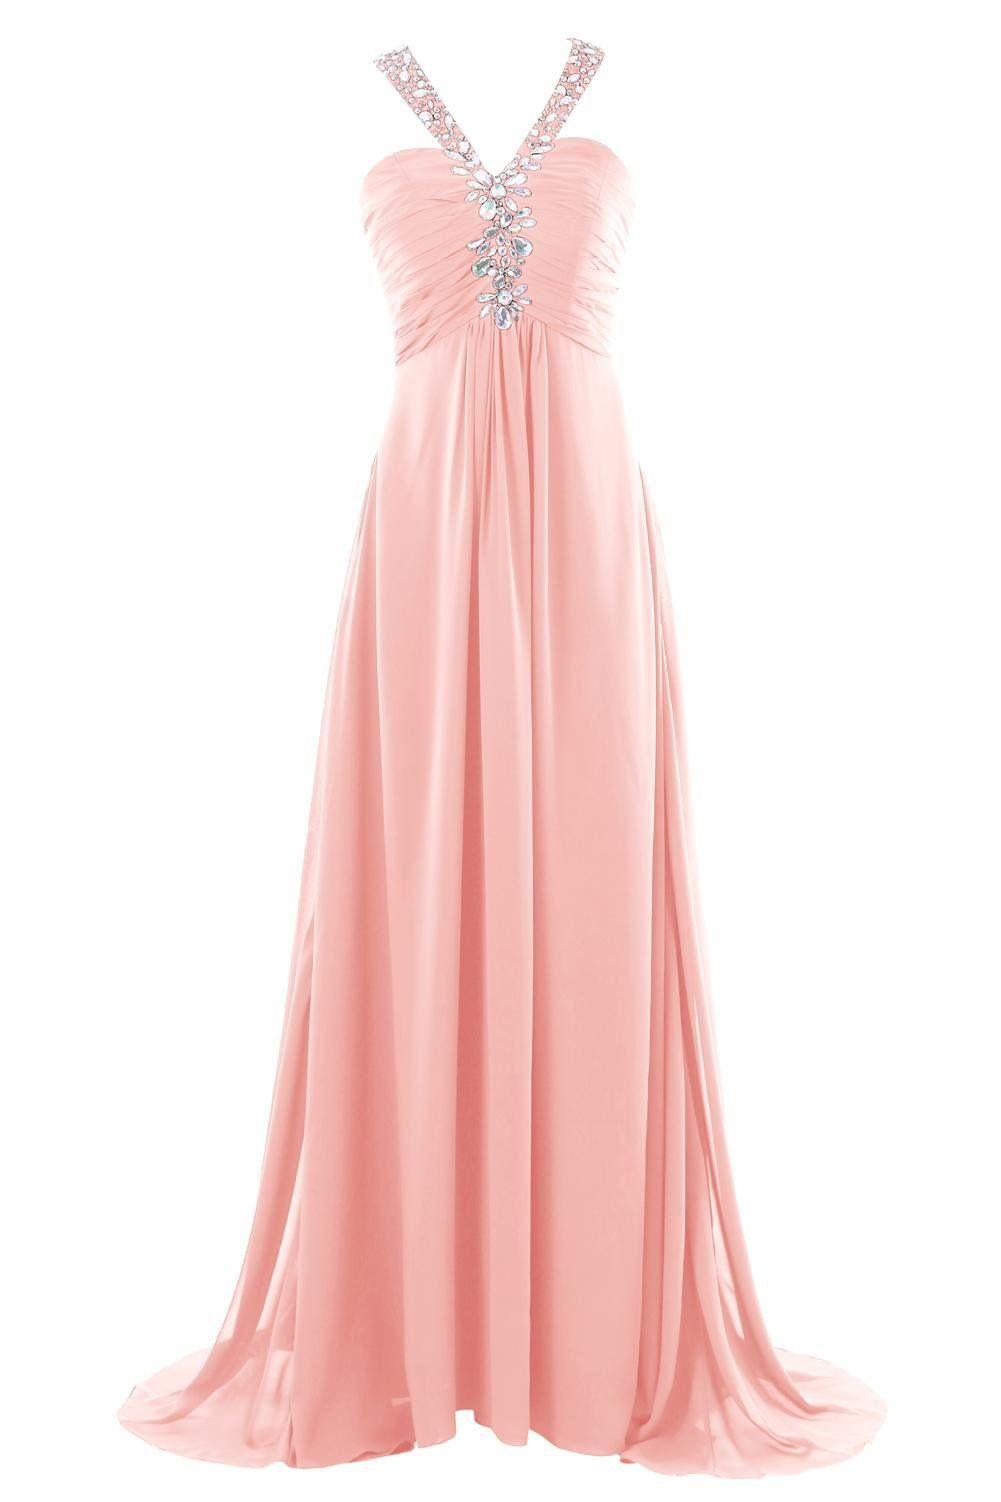 10 Großartig Abendkleid In 46 Boutique17 Fantastisch Abendkleid In 46 Design